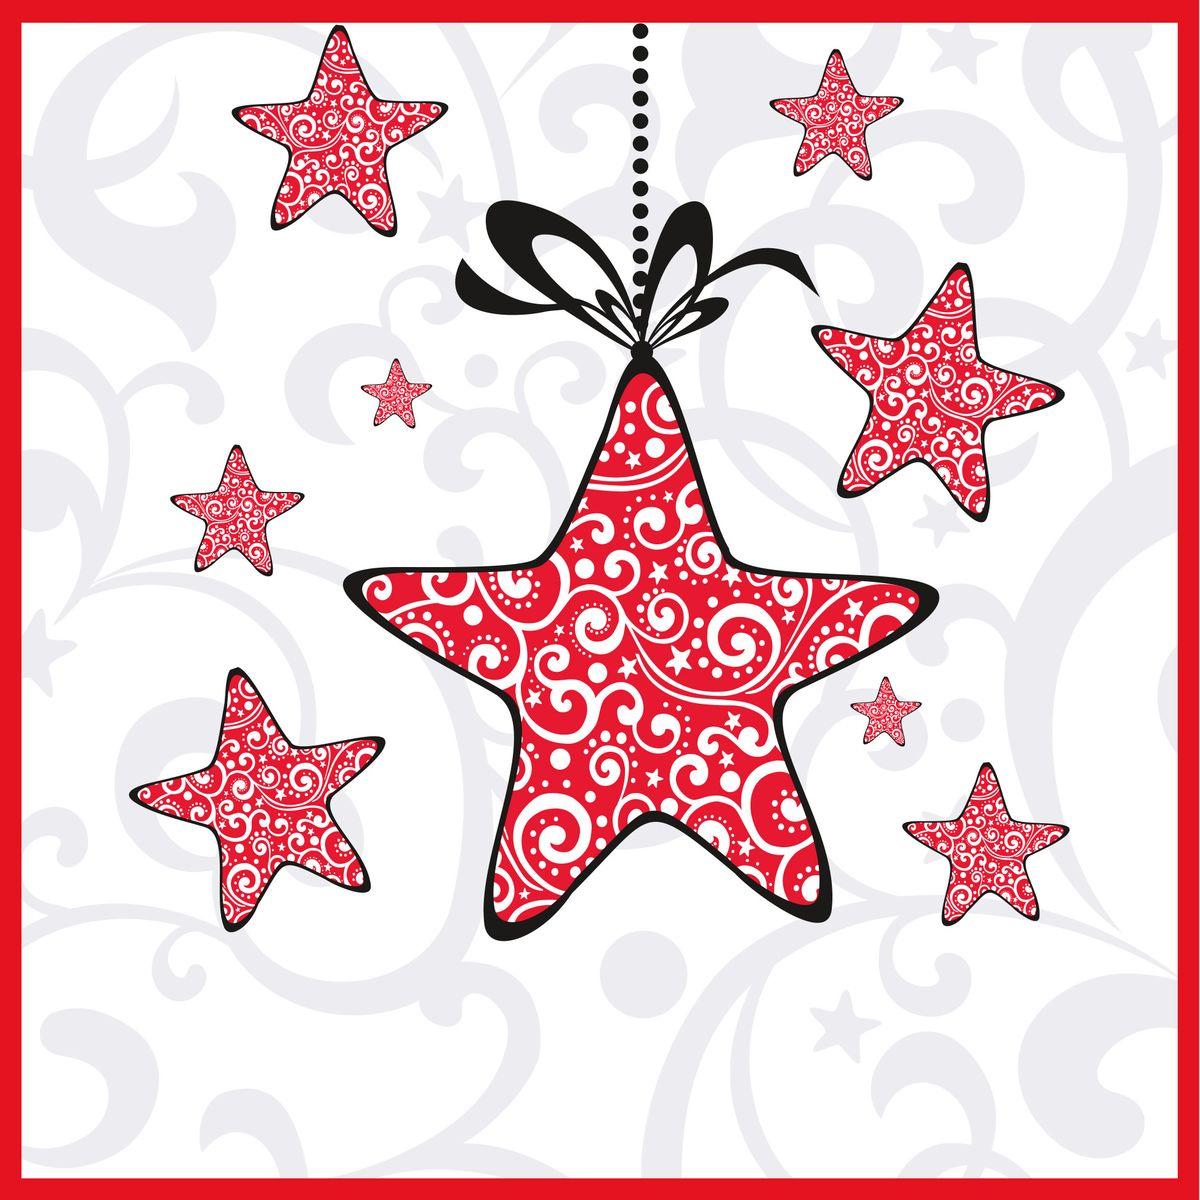 Салфетки бумажные Gratias Звездочка, трехслойные, 33 х 33 см, 20 шт787502Трехслойные бумажные салфетки Gratias Звездочка, выполненные из натуральной целлюлозы, станут отличным дополнением любого праздничного стола. Они отличаются необычной мягкостью и прочностью. Размер листа: 33 х 33 см. Количество слоев: 3.